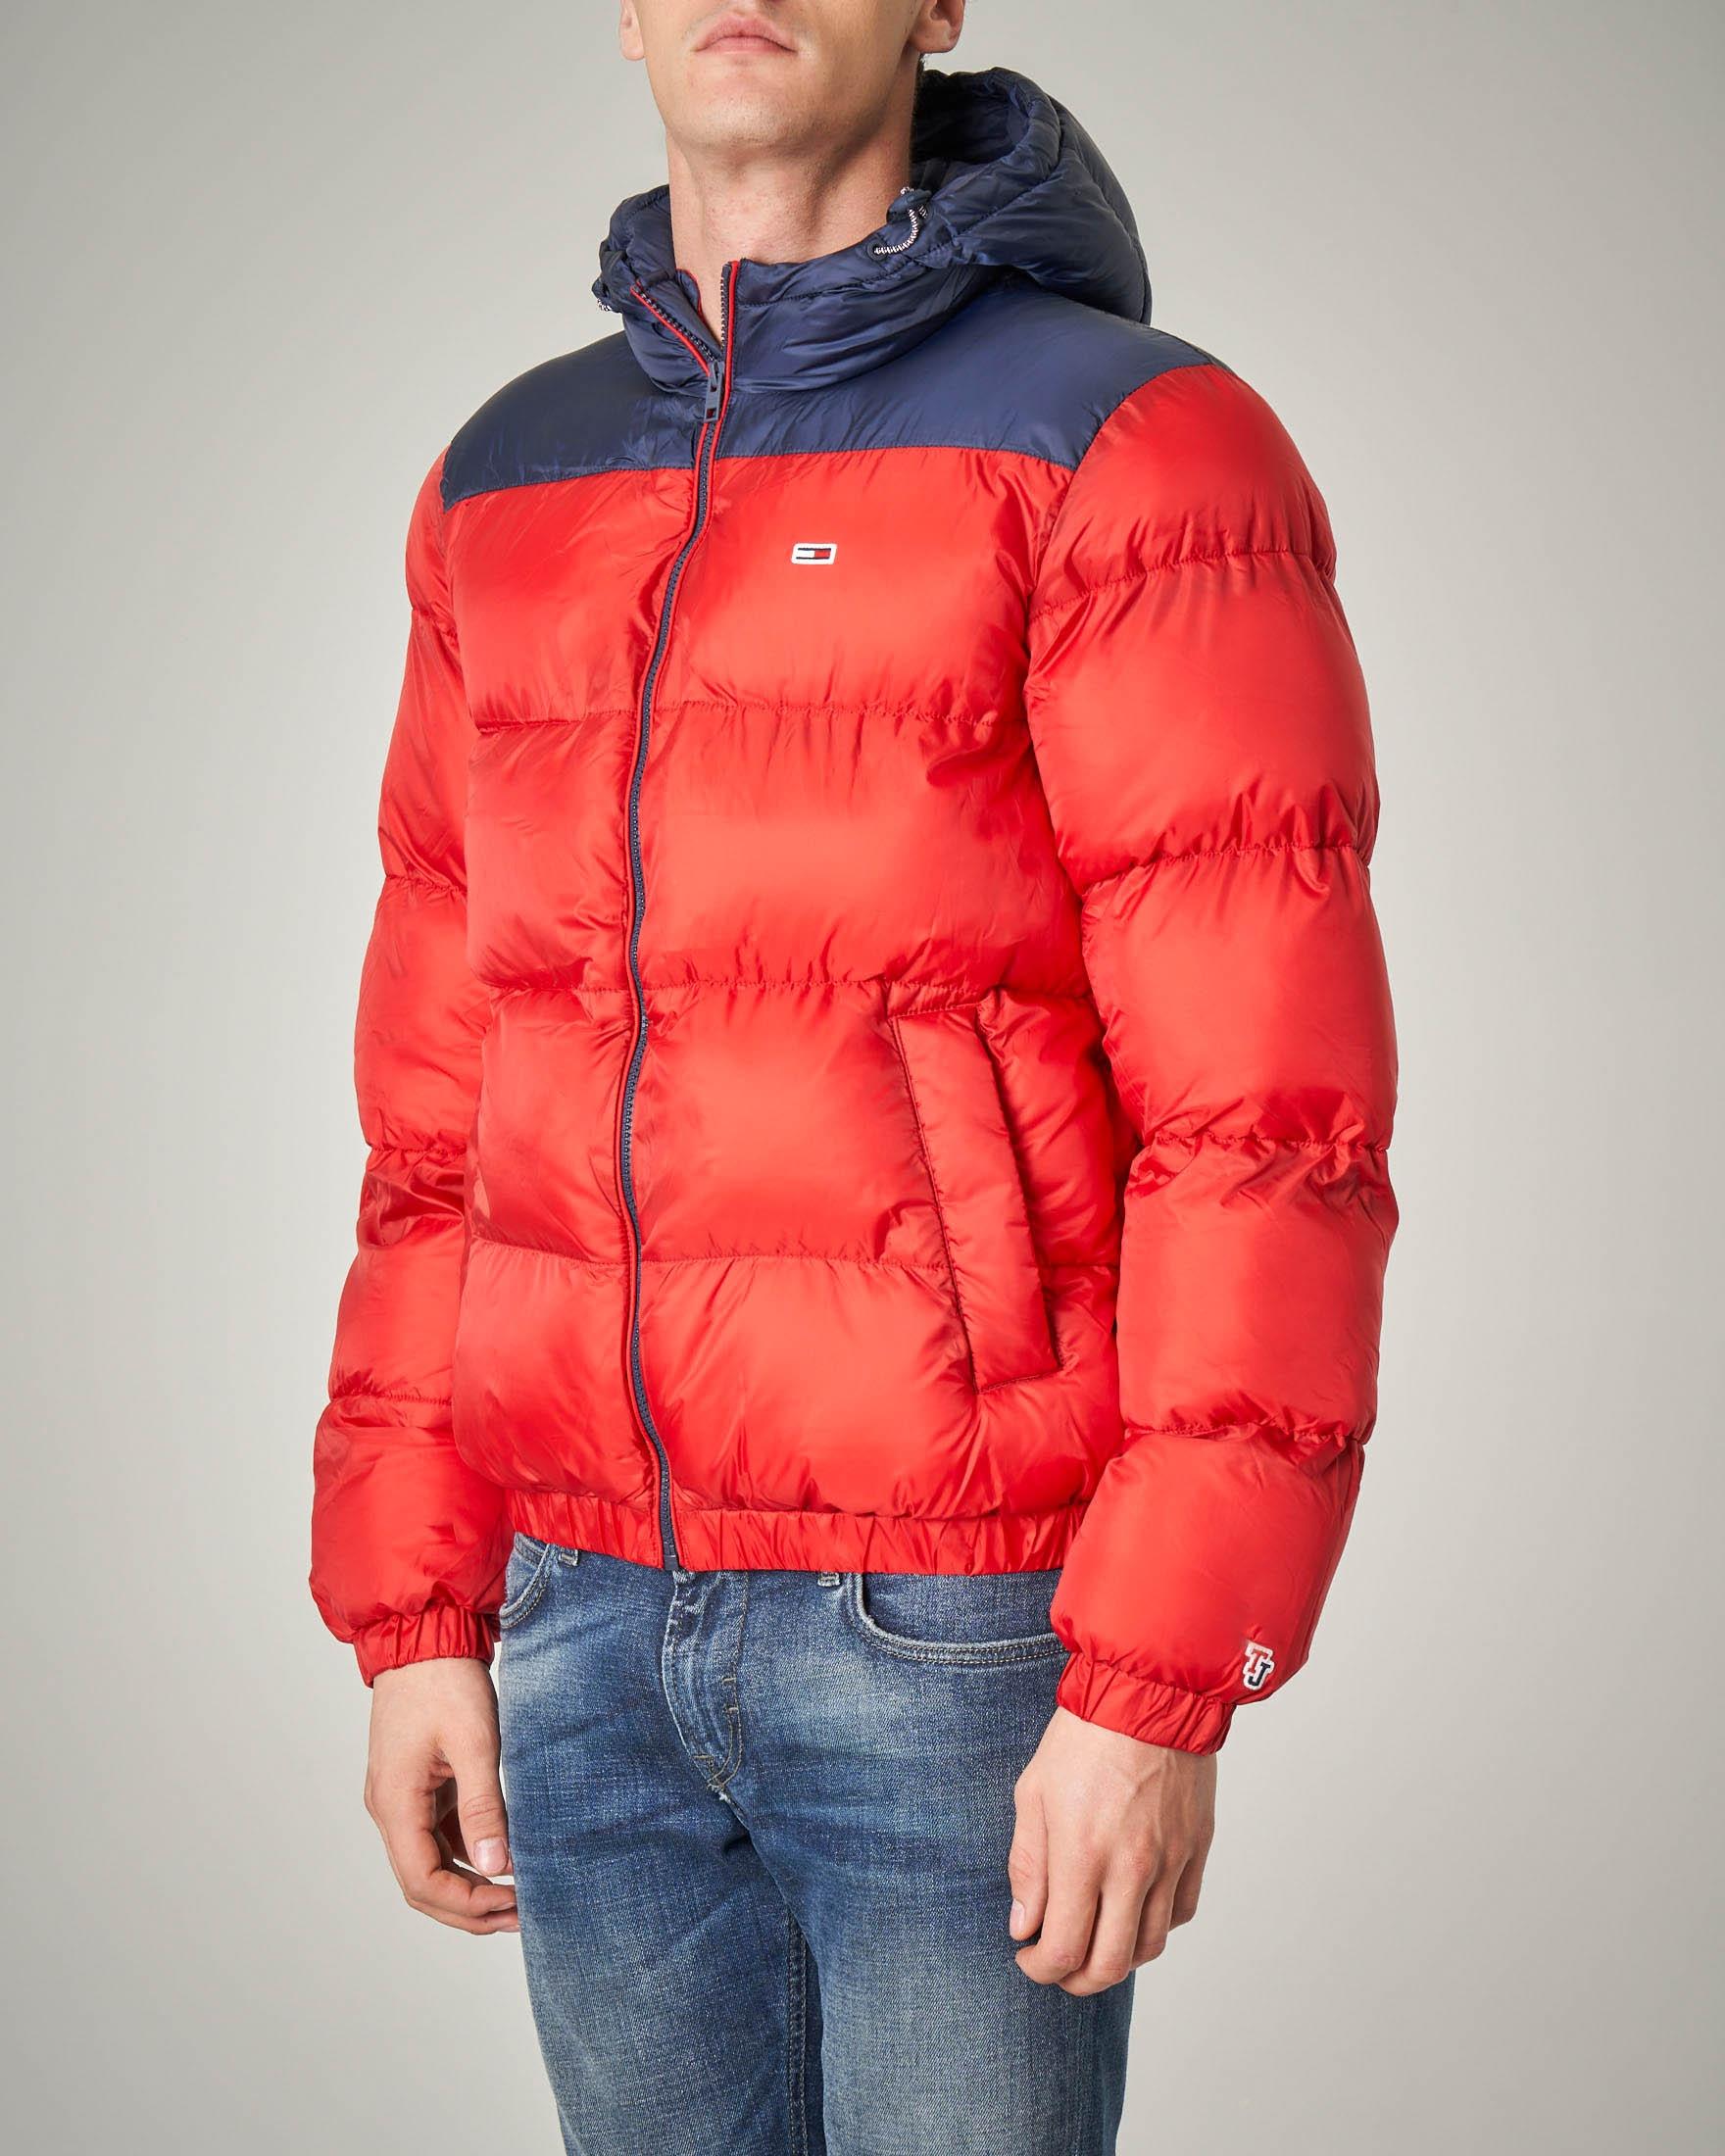 Piumino rosso con spalle e cappuccio blu in nylon riciclato